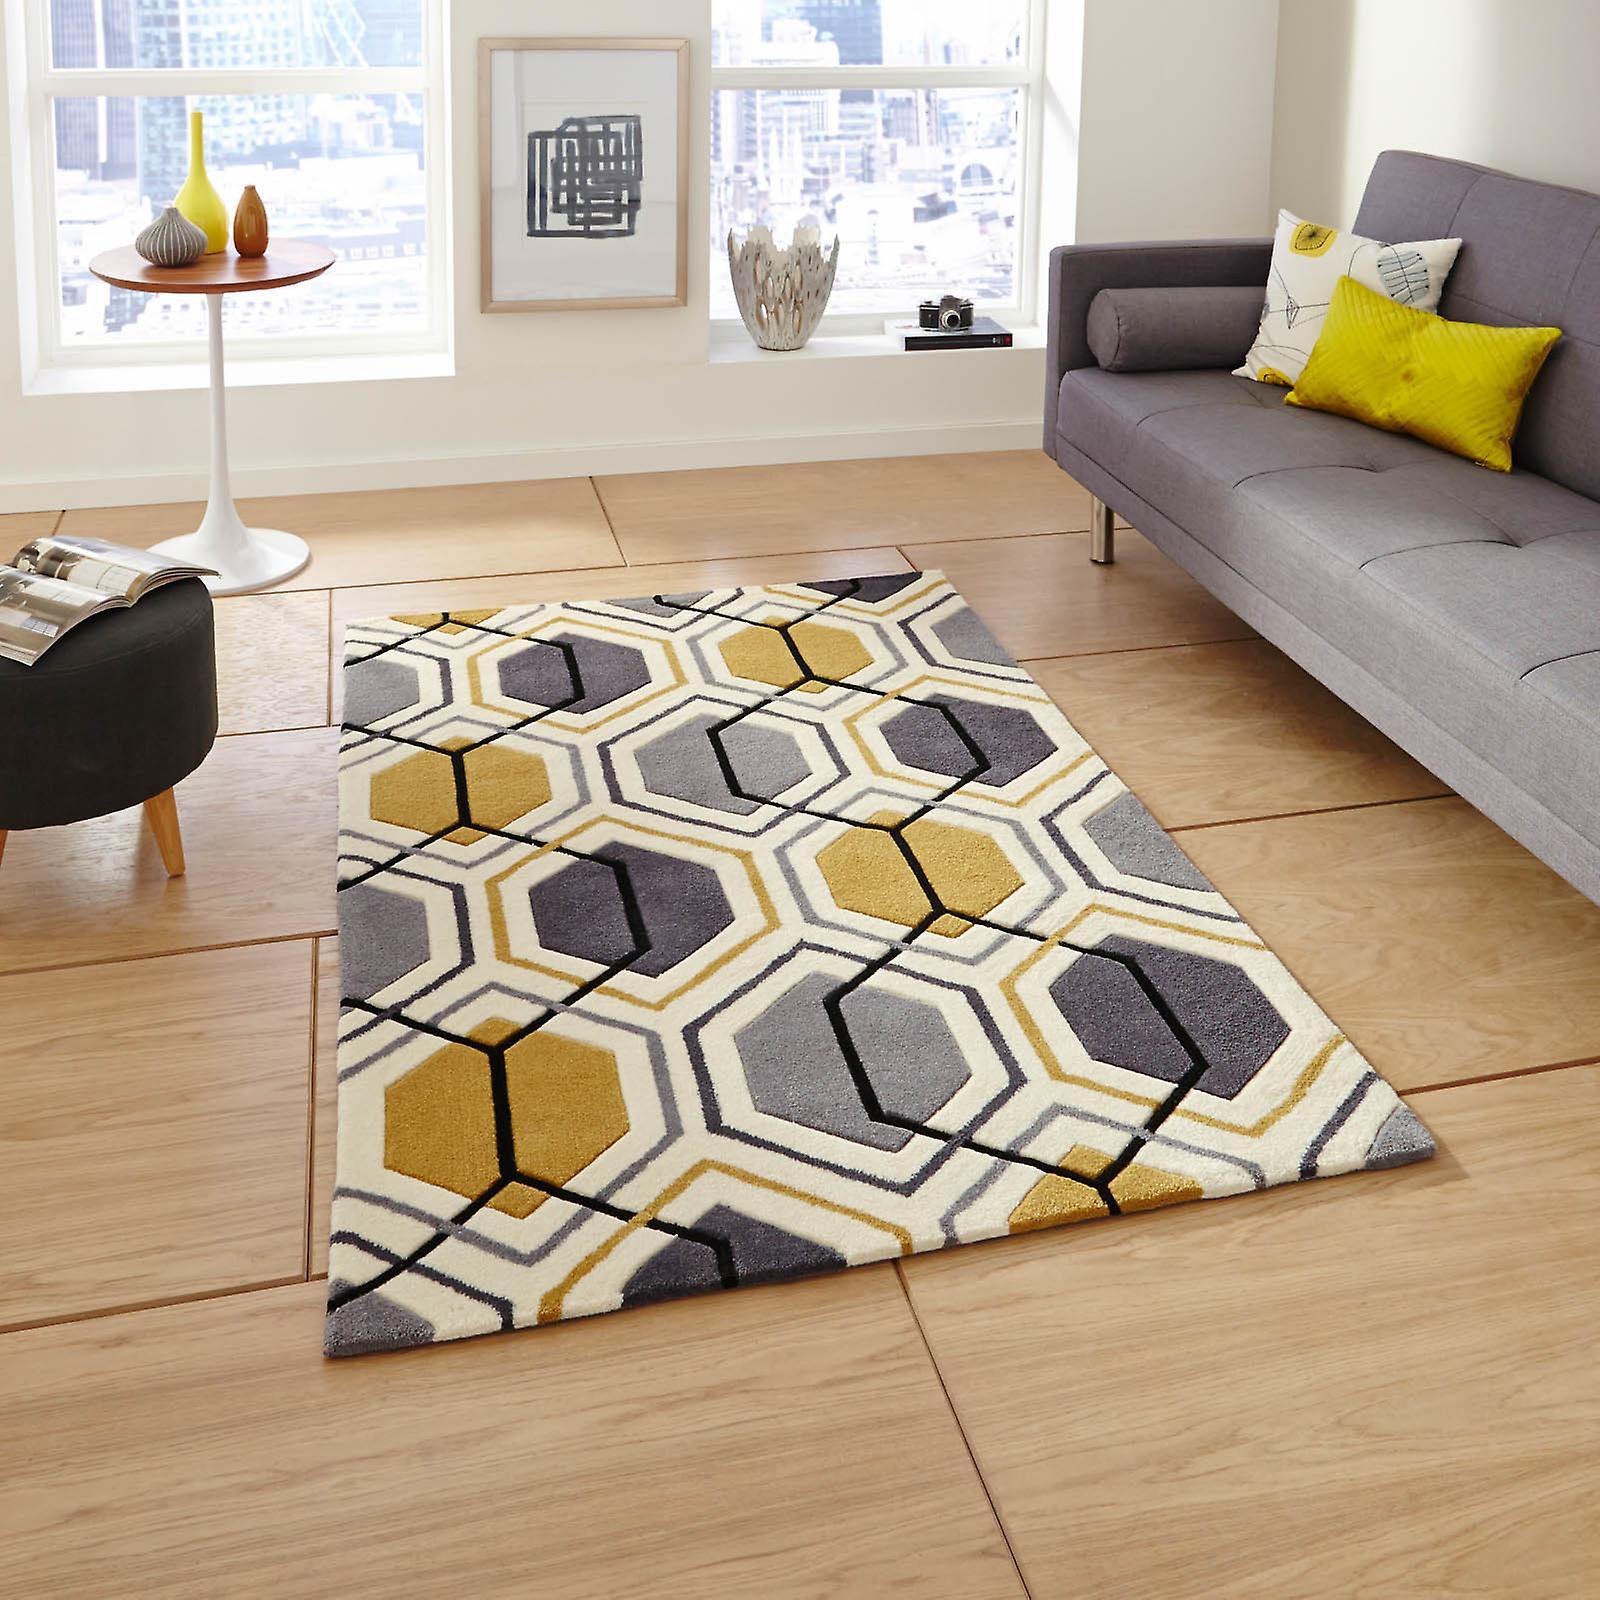 hong kong hk 7526 tapis gris jaune fruugo. Black Bedroom Furniture Sets. Home Design Ideas